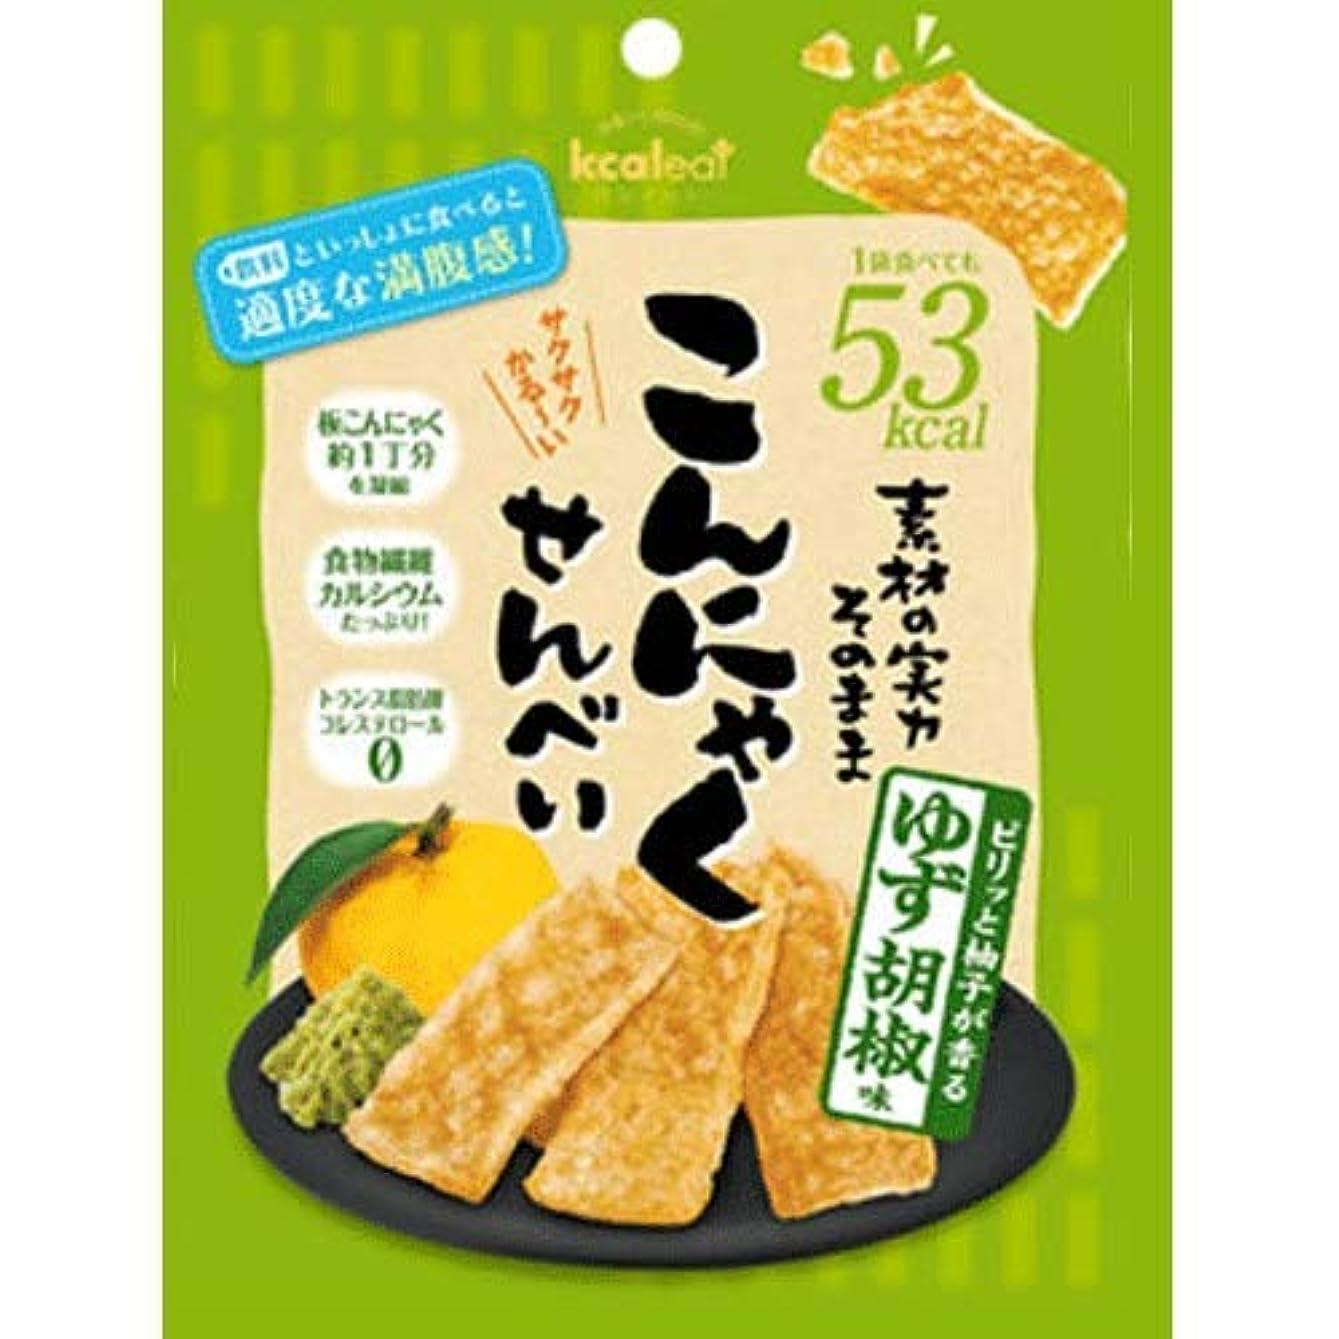 こんにゃくせんべい ゆず胡椒 15g (20袋セット)